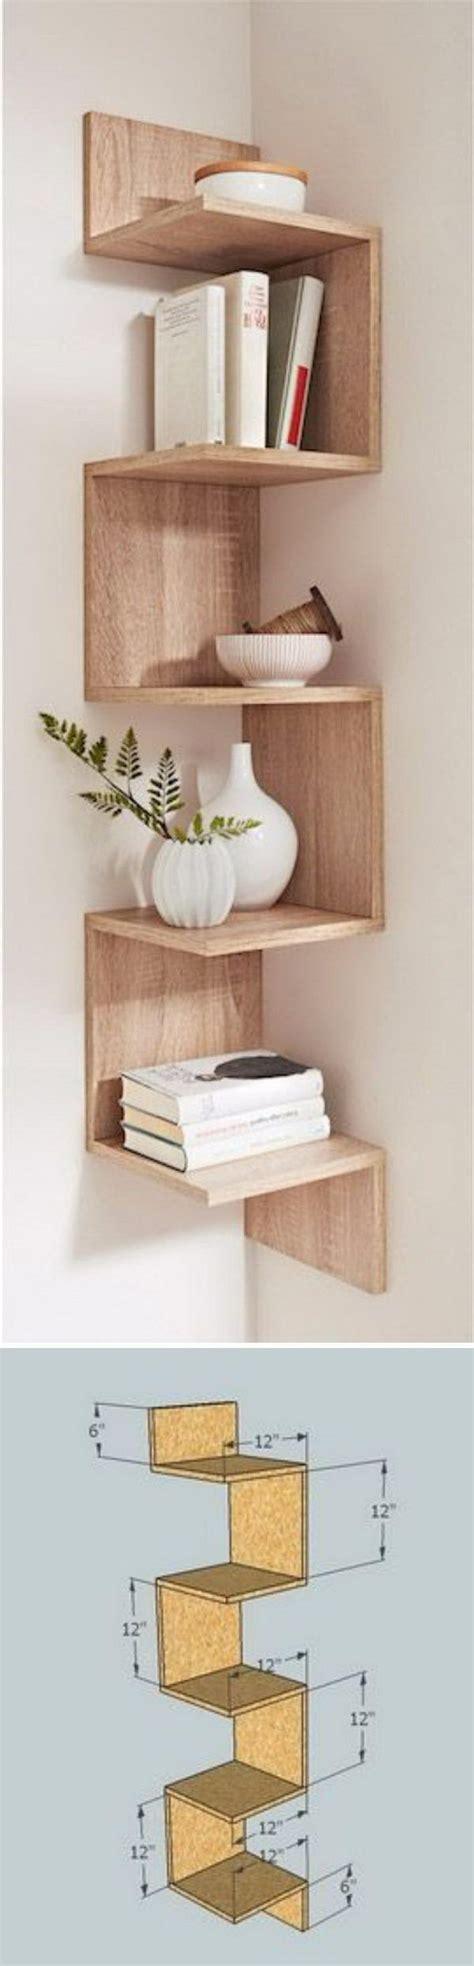 small corner shelf for bathroom the 25 best corner shelf ideas on pinterest diy corner